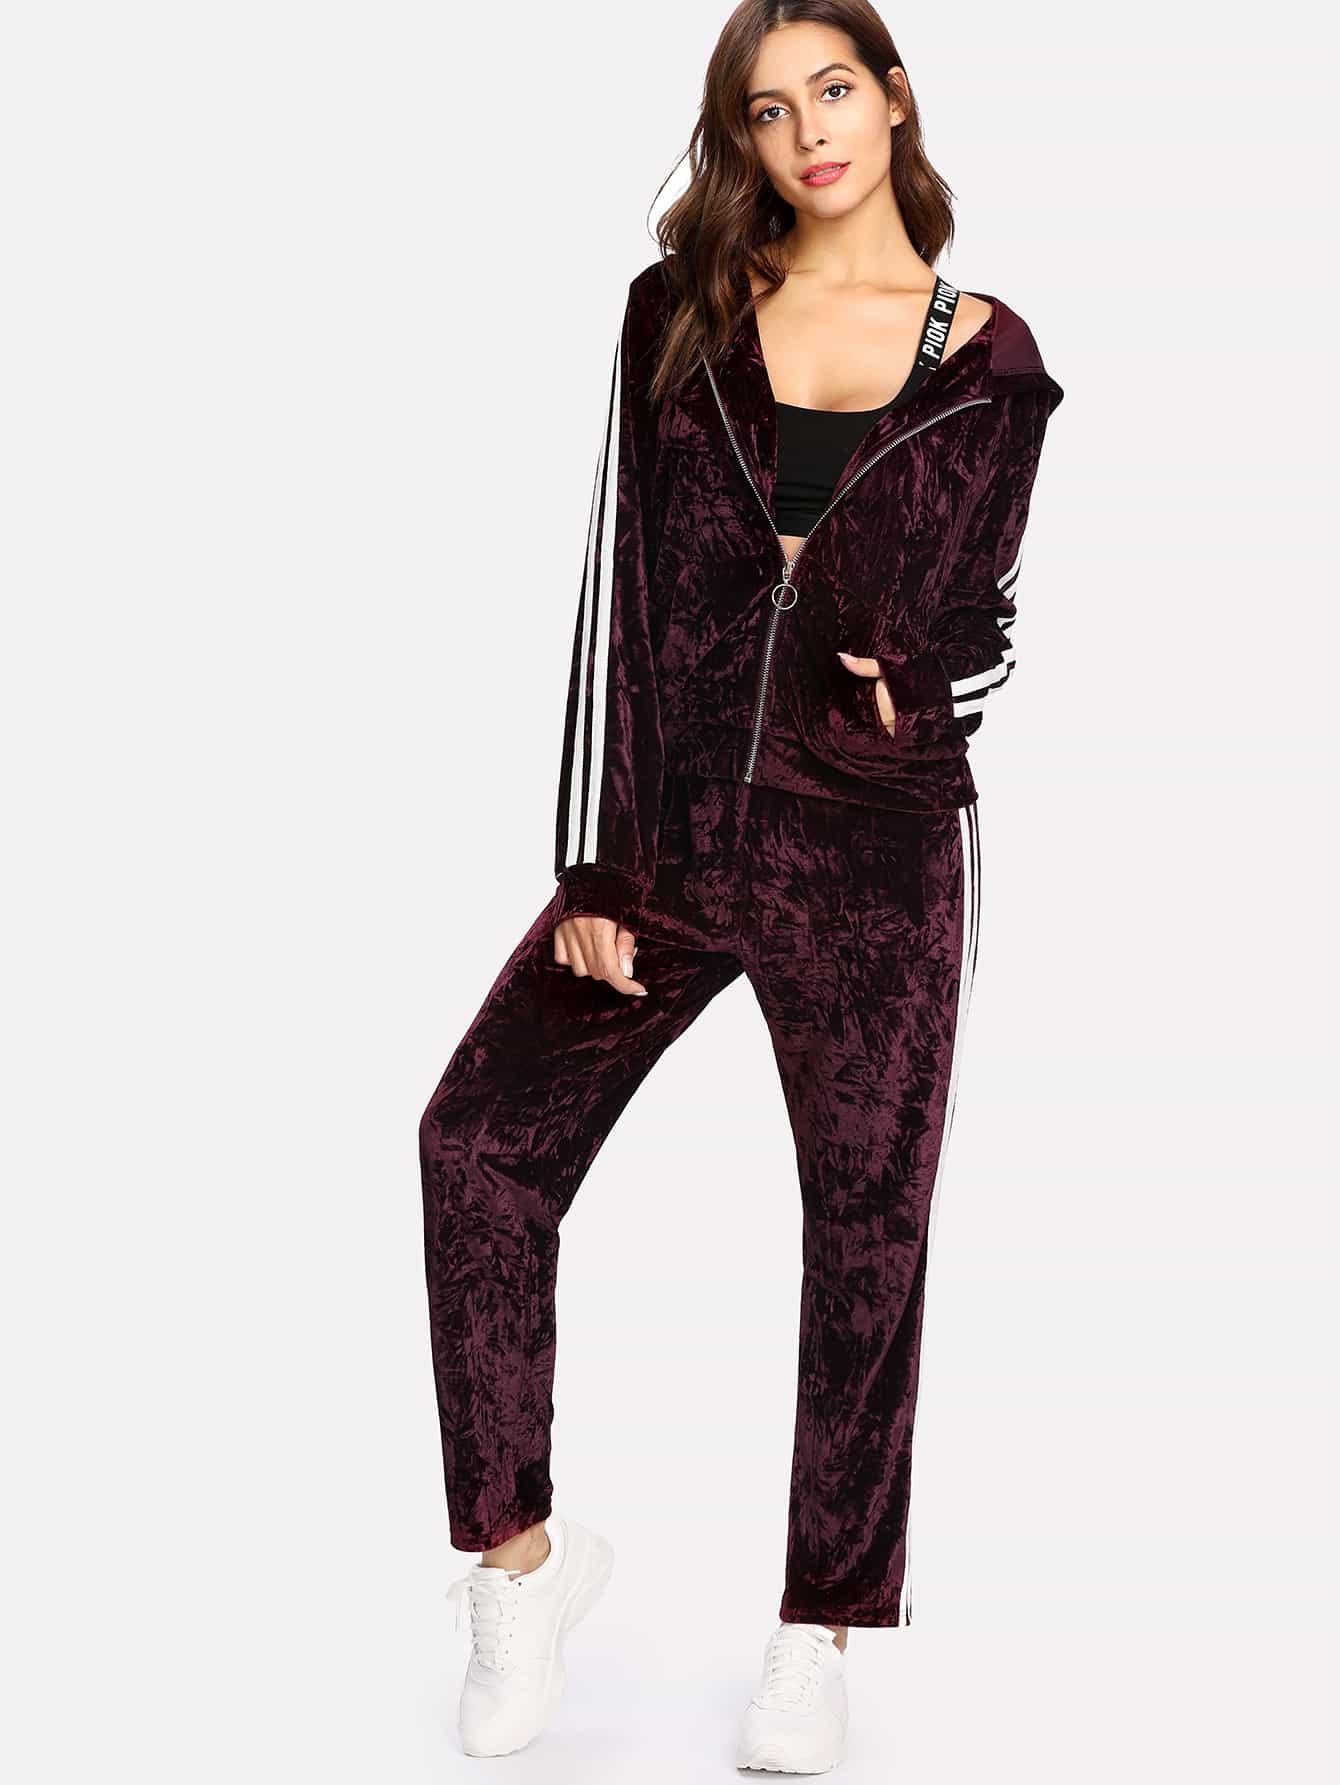 Striped Crushed Velvet Hoodie Jacket & Pants Set